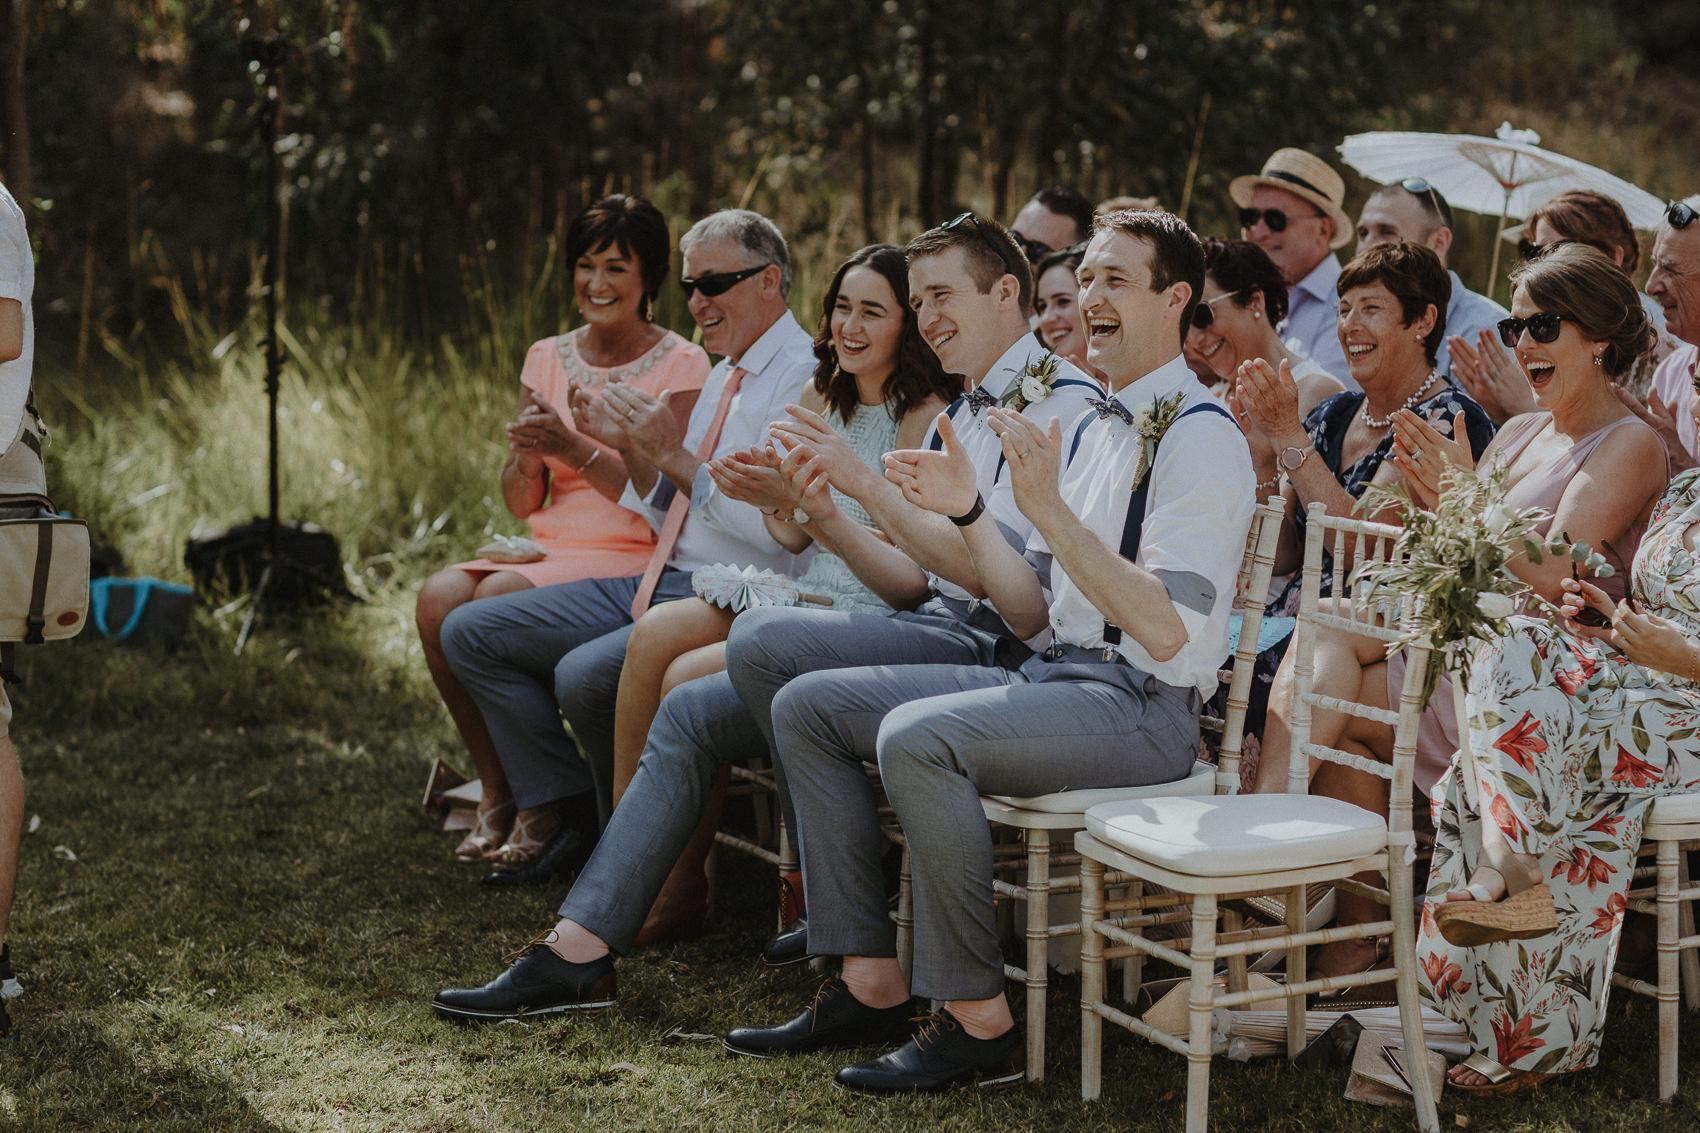 Sarah & Bill | Summer wedding at Cortijo Rosa Blanca | Marbella - Spain 76